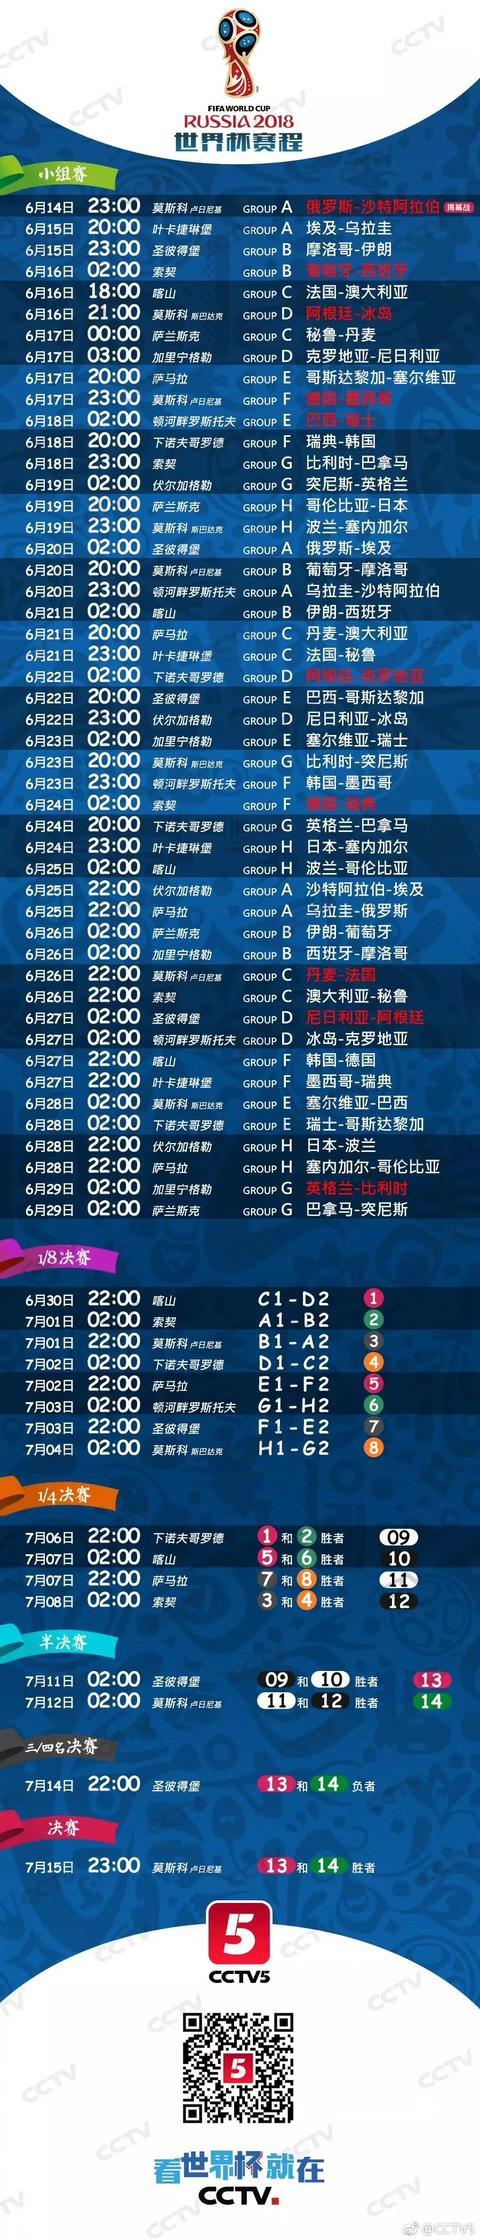 世界杯节目表!世界杯来了,要熬夜了吗?